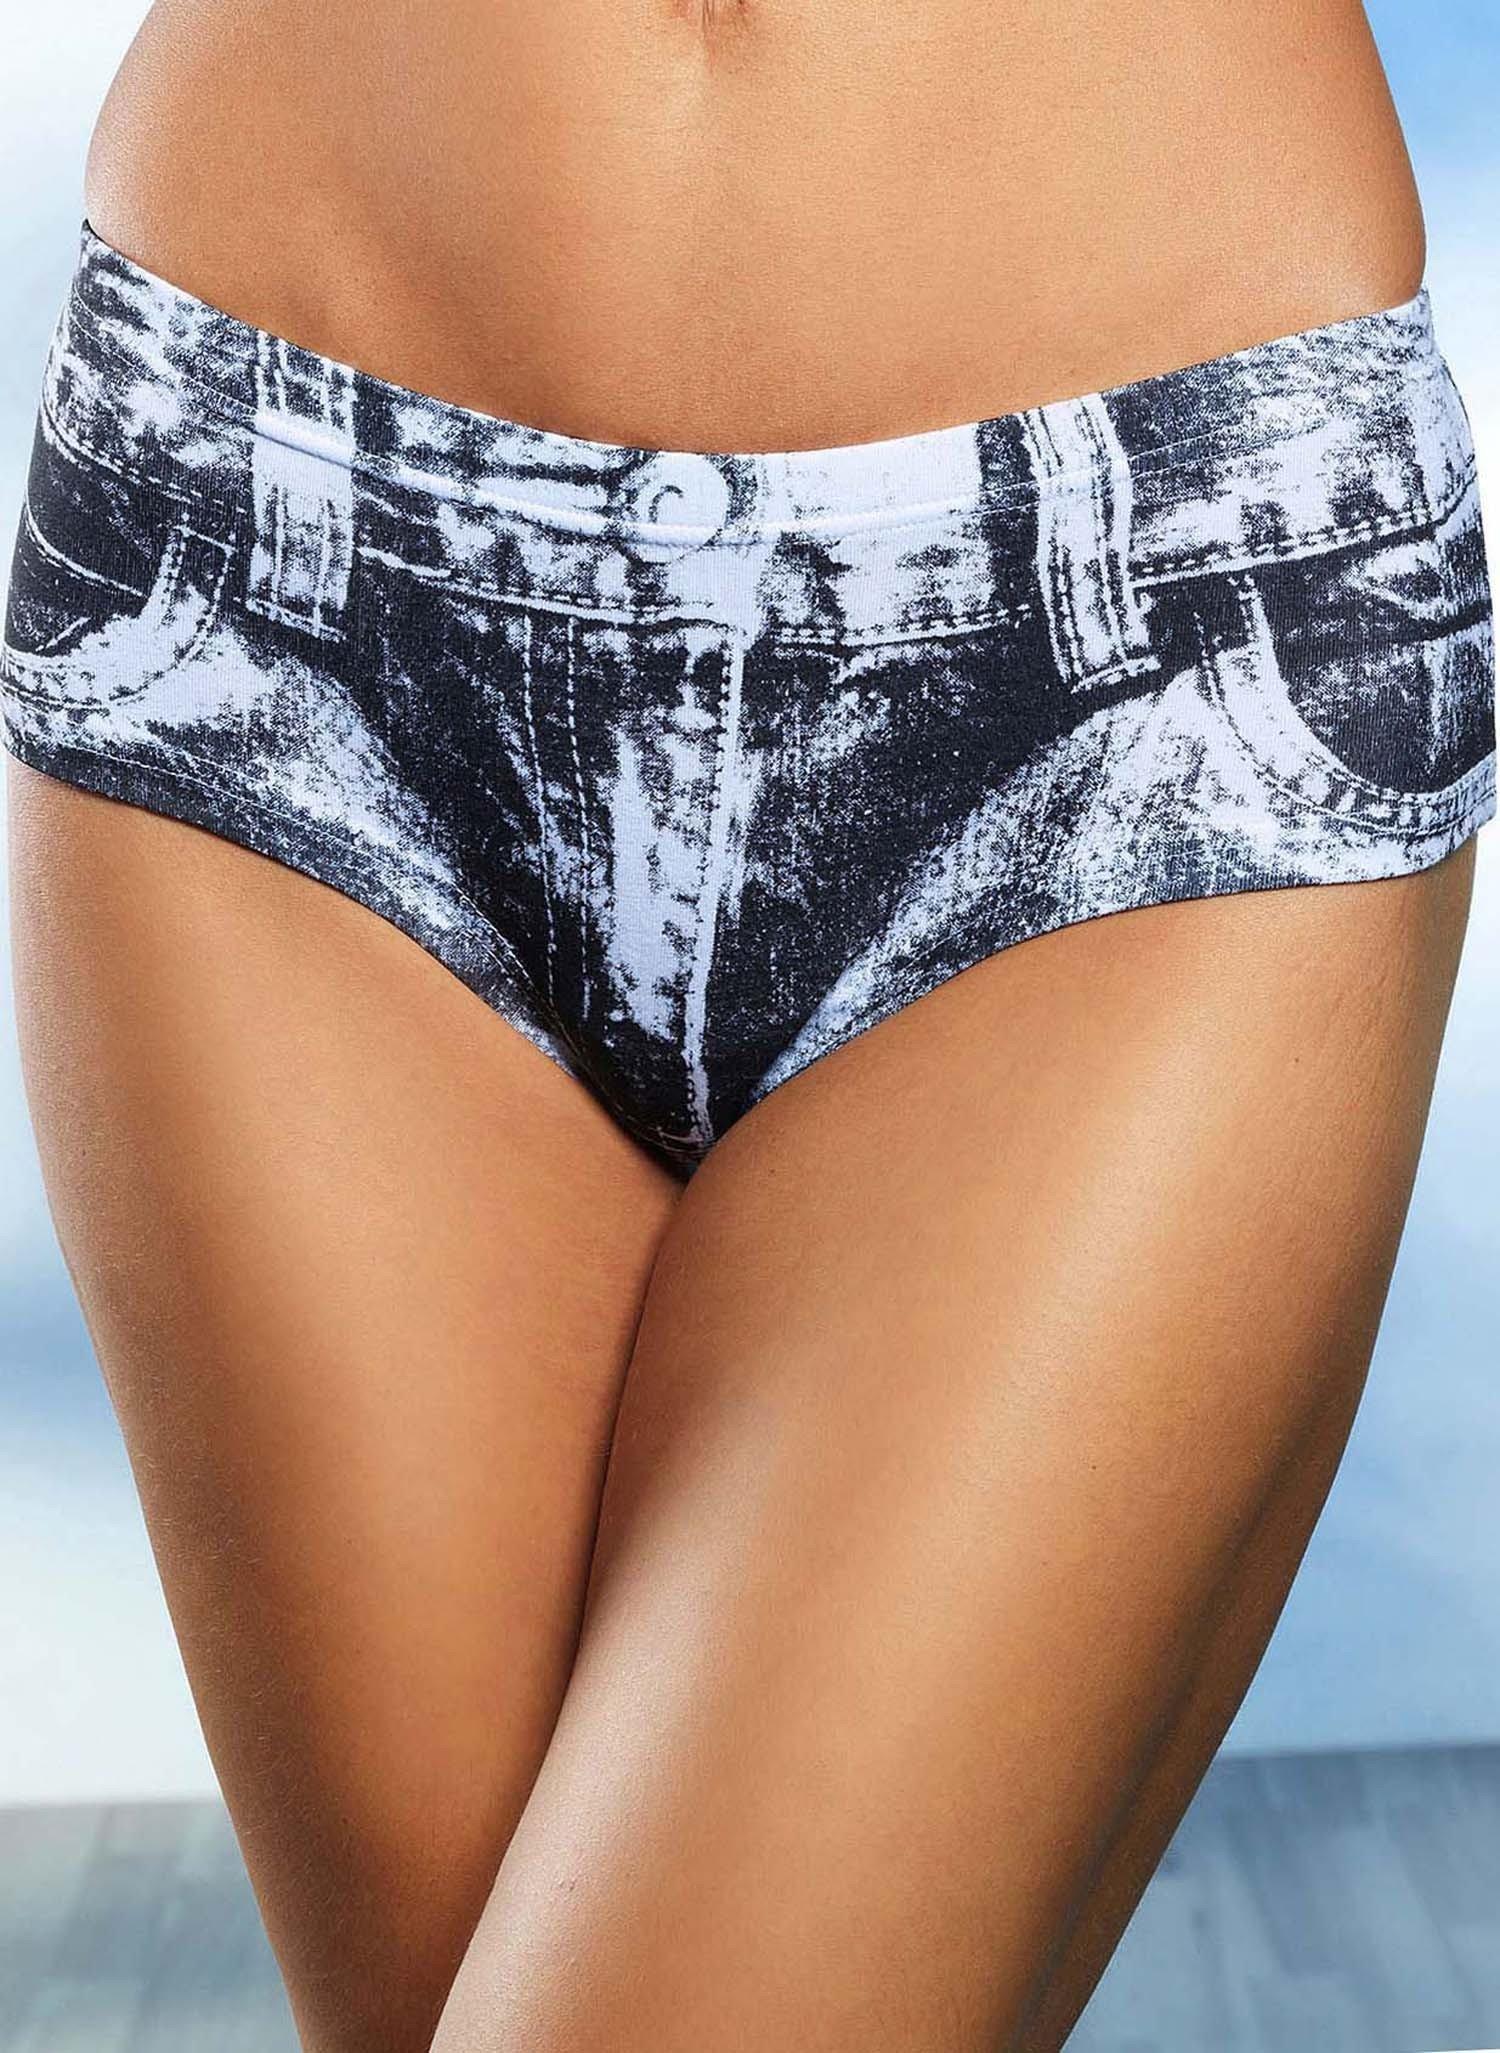 D-Panty-Jeans,3er-S.schw/weiss L 062